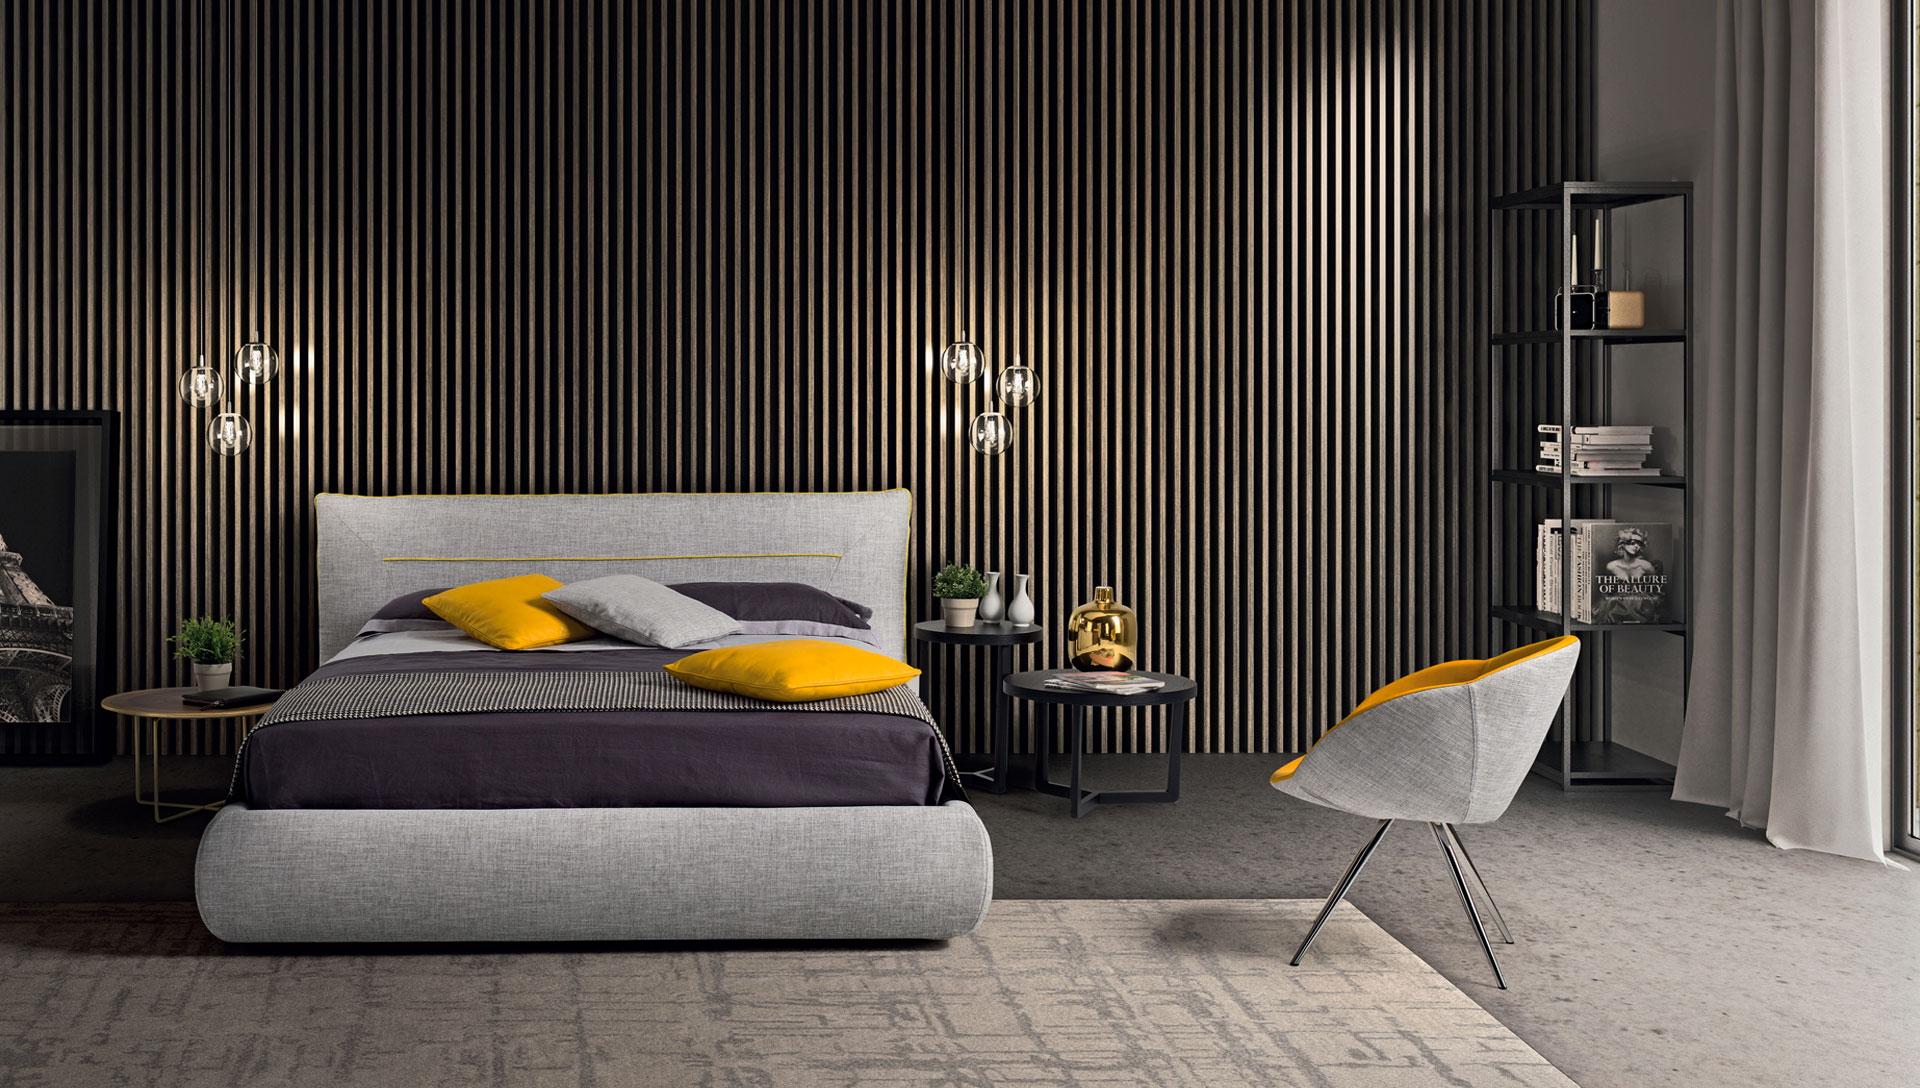 zona-notte-conte-comodus-arredamenti-nicoletti-interni-interior-design-divani-complementi-arredo-mobili-design-accessori-matera